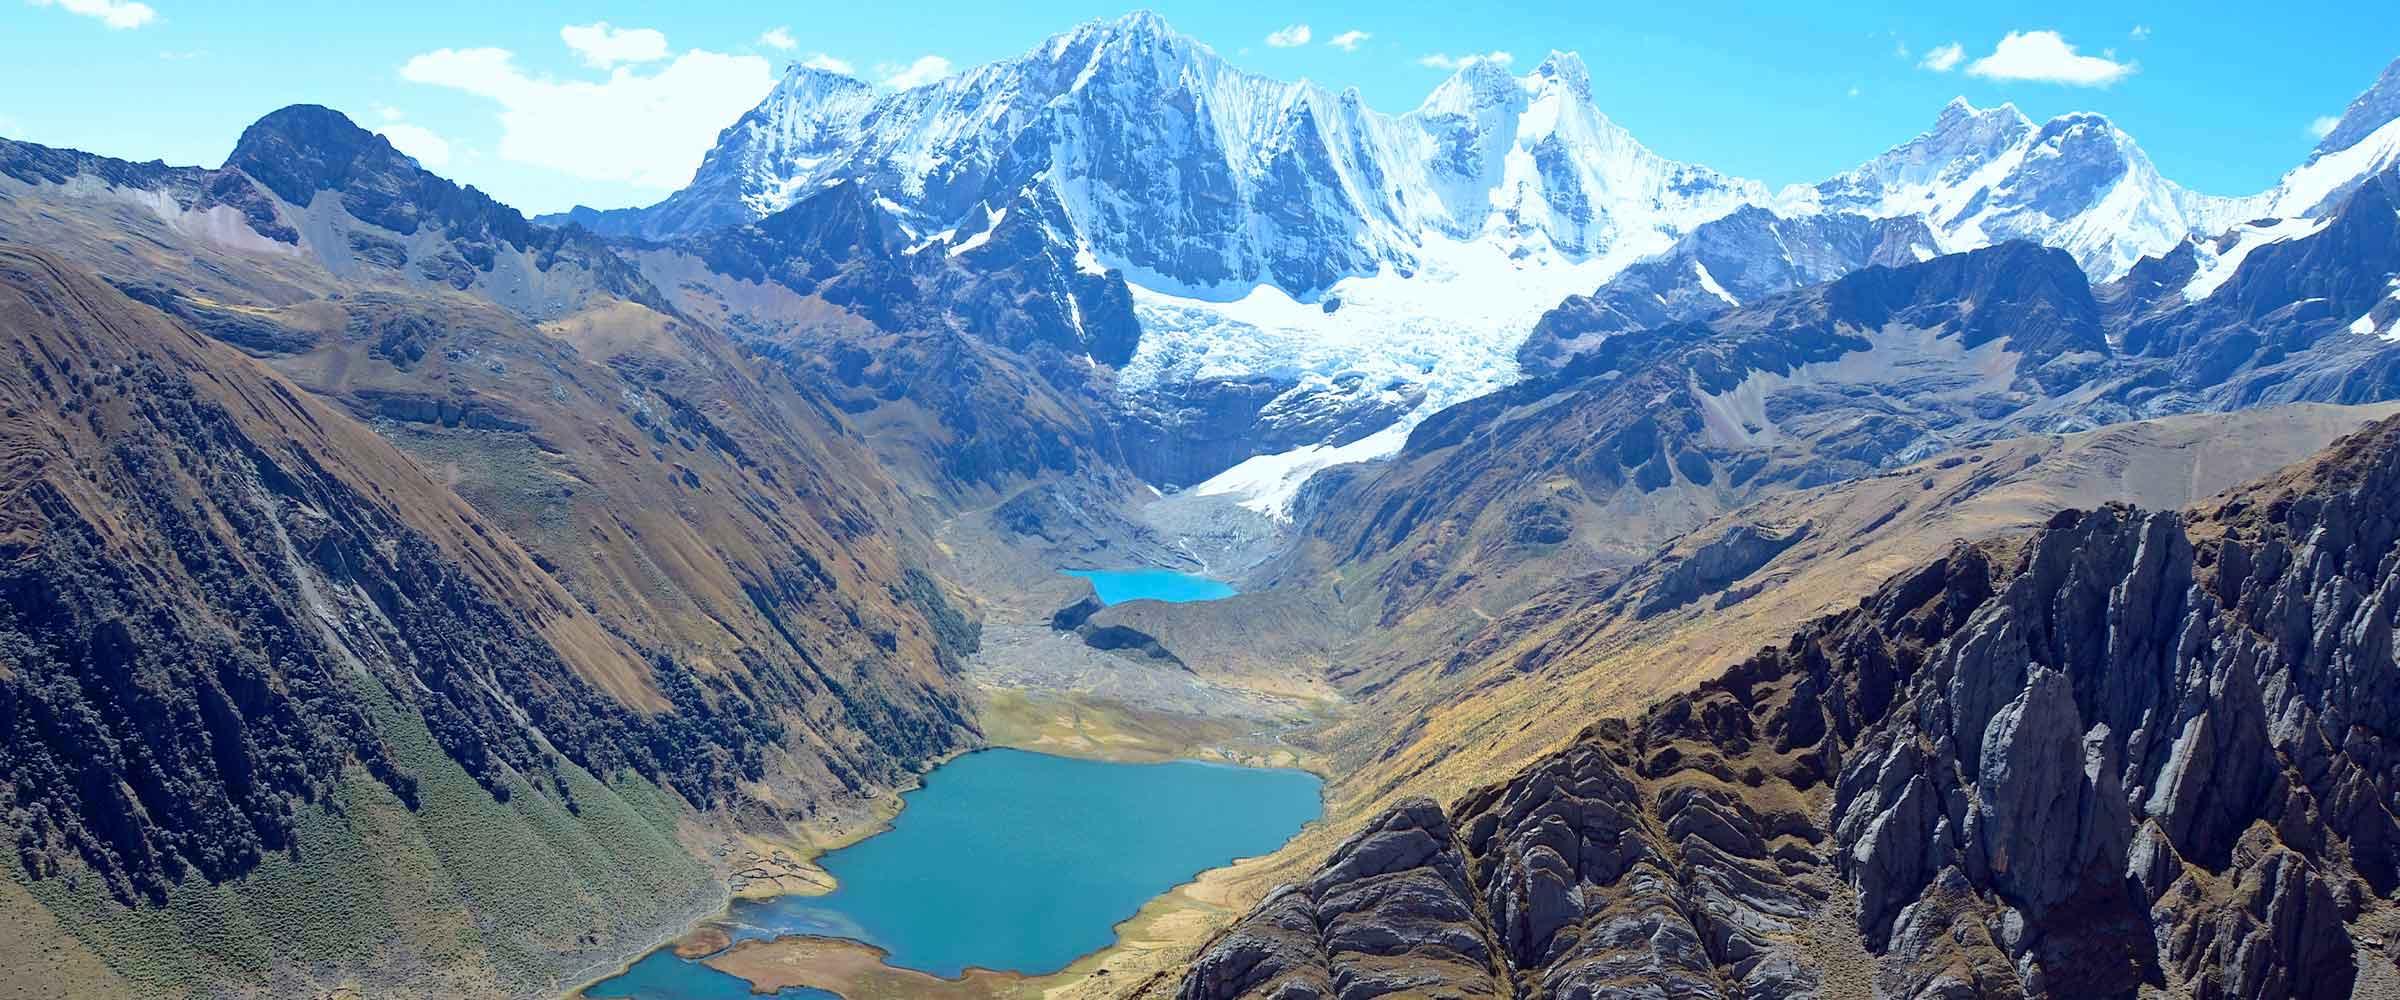 Huaraz Cordillera Huayhuash